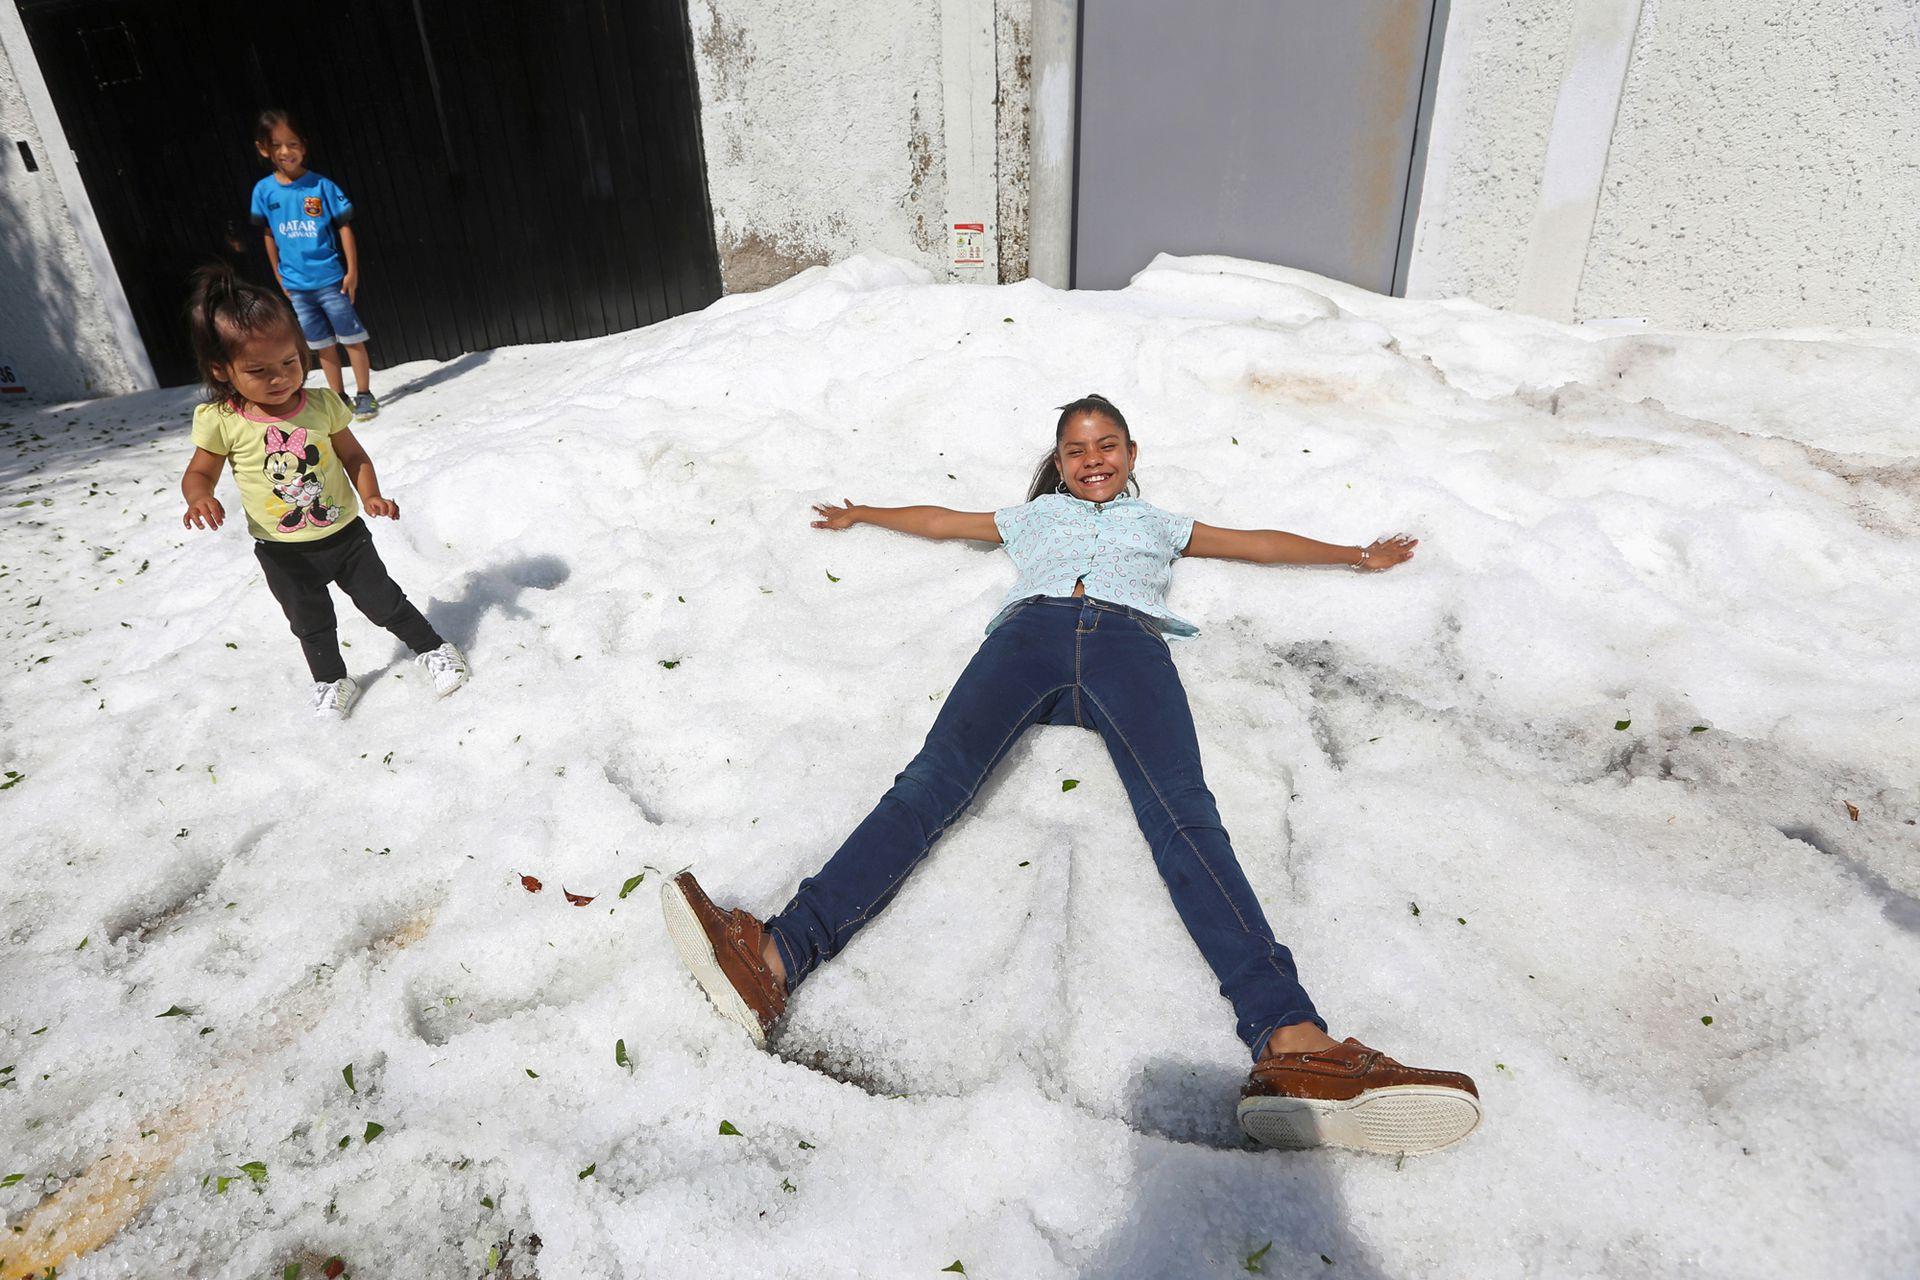 Escenas que jamás se habían visto en Guadalajara, un granizo que parecía una nevada